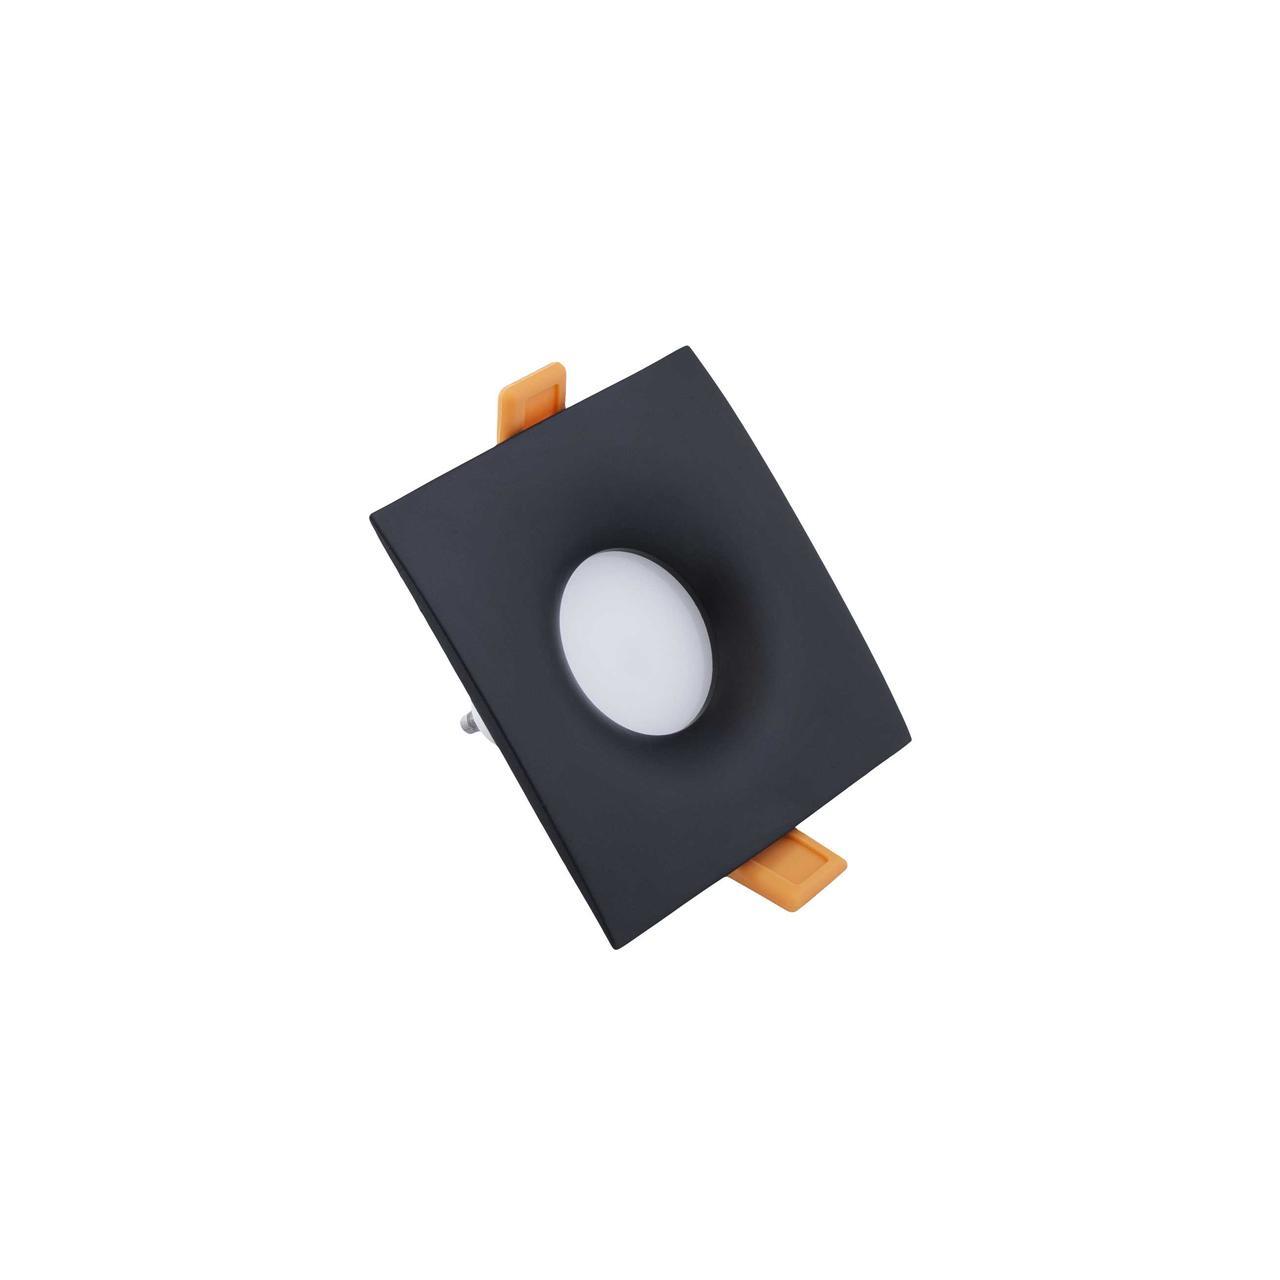 Led спот врізний квадрат чорний TH3912 BK